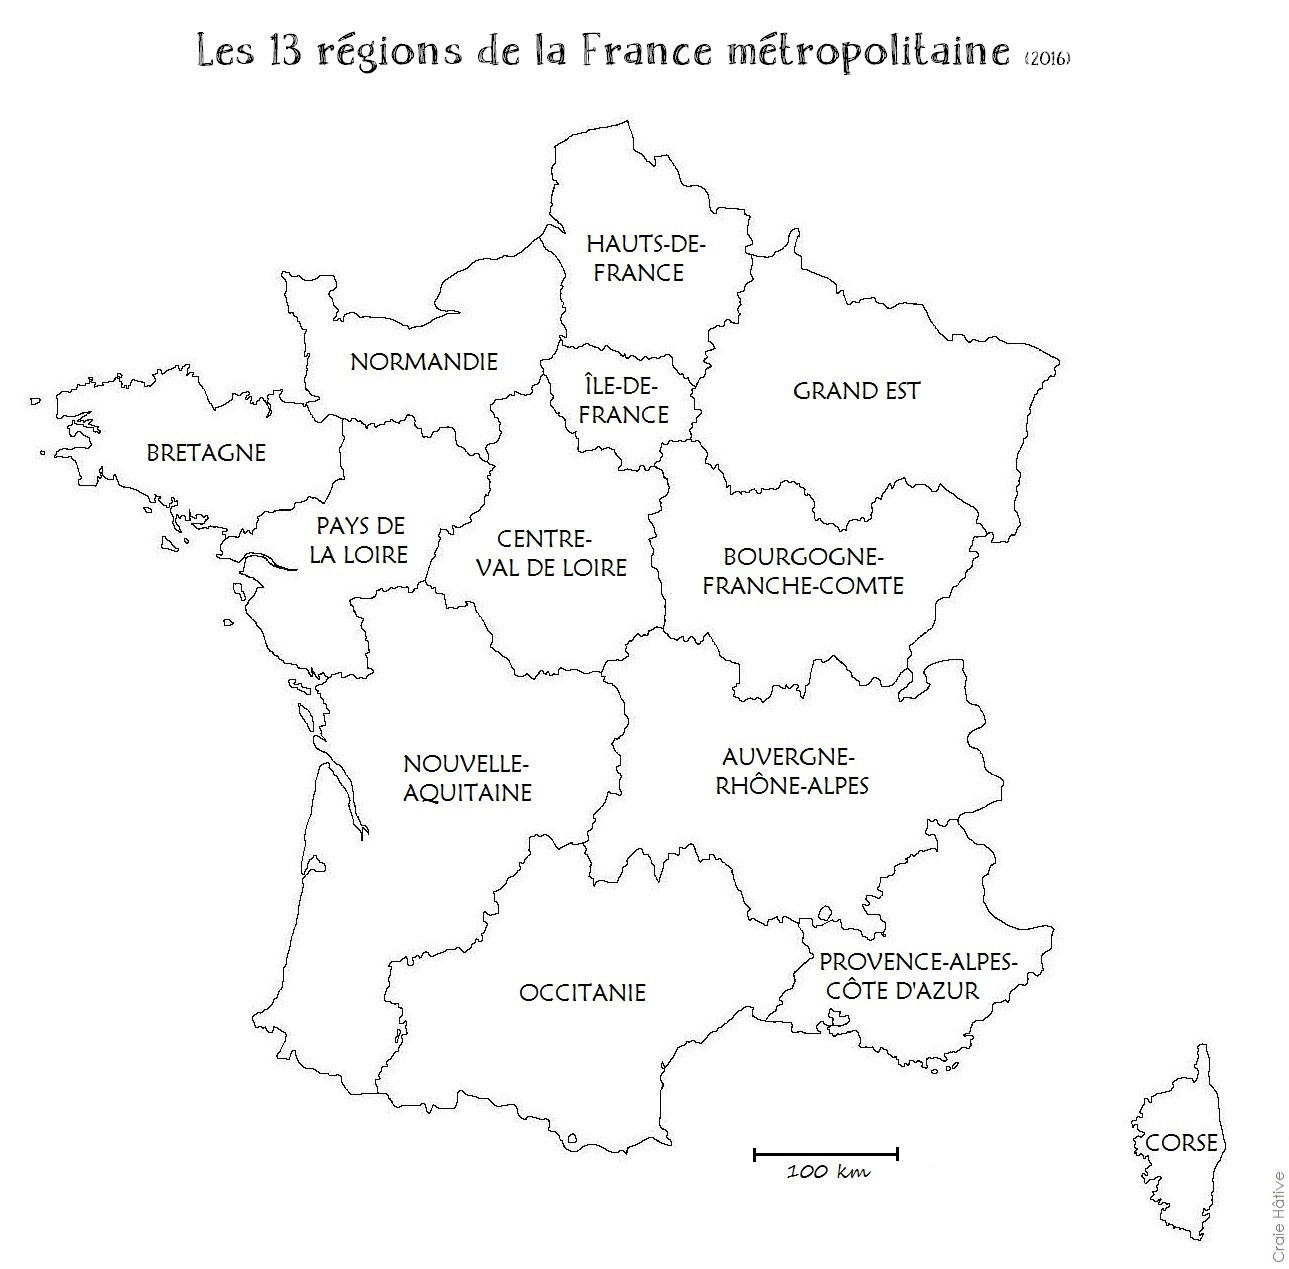 Cartes Des Régions De La France Métropolitaine - 2016 concernant Carte Vierge De France